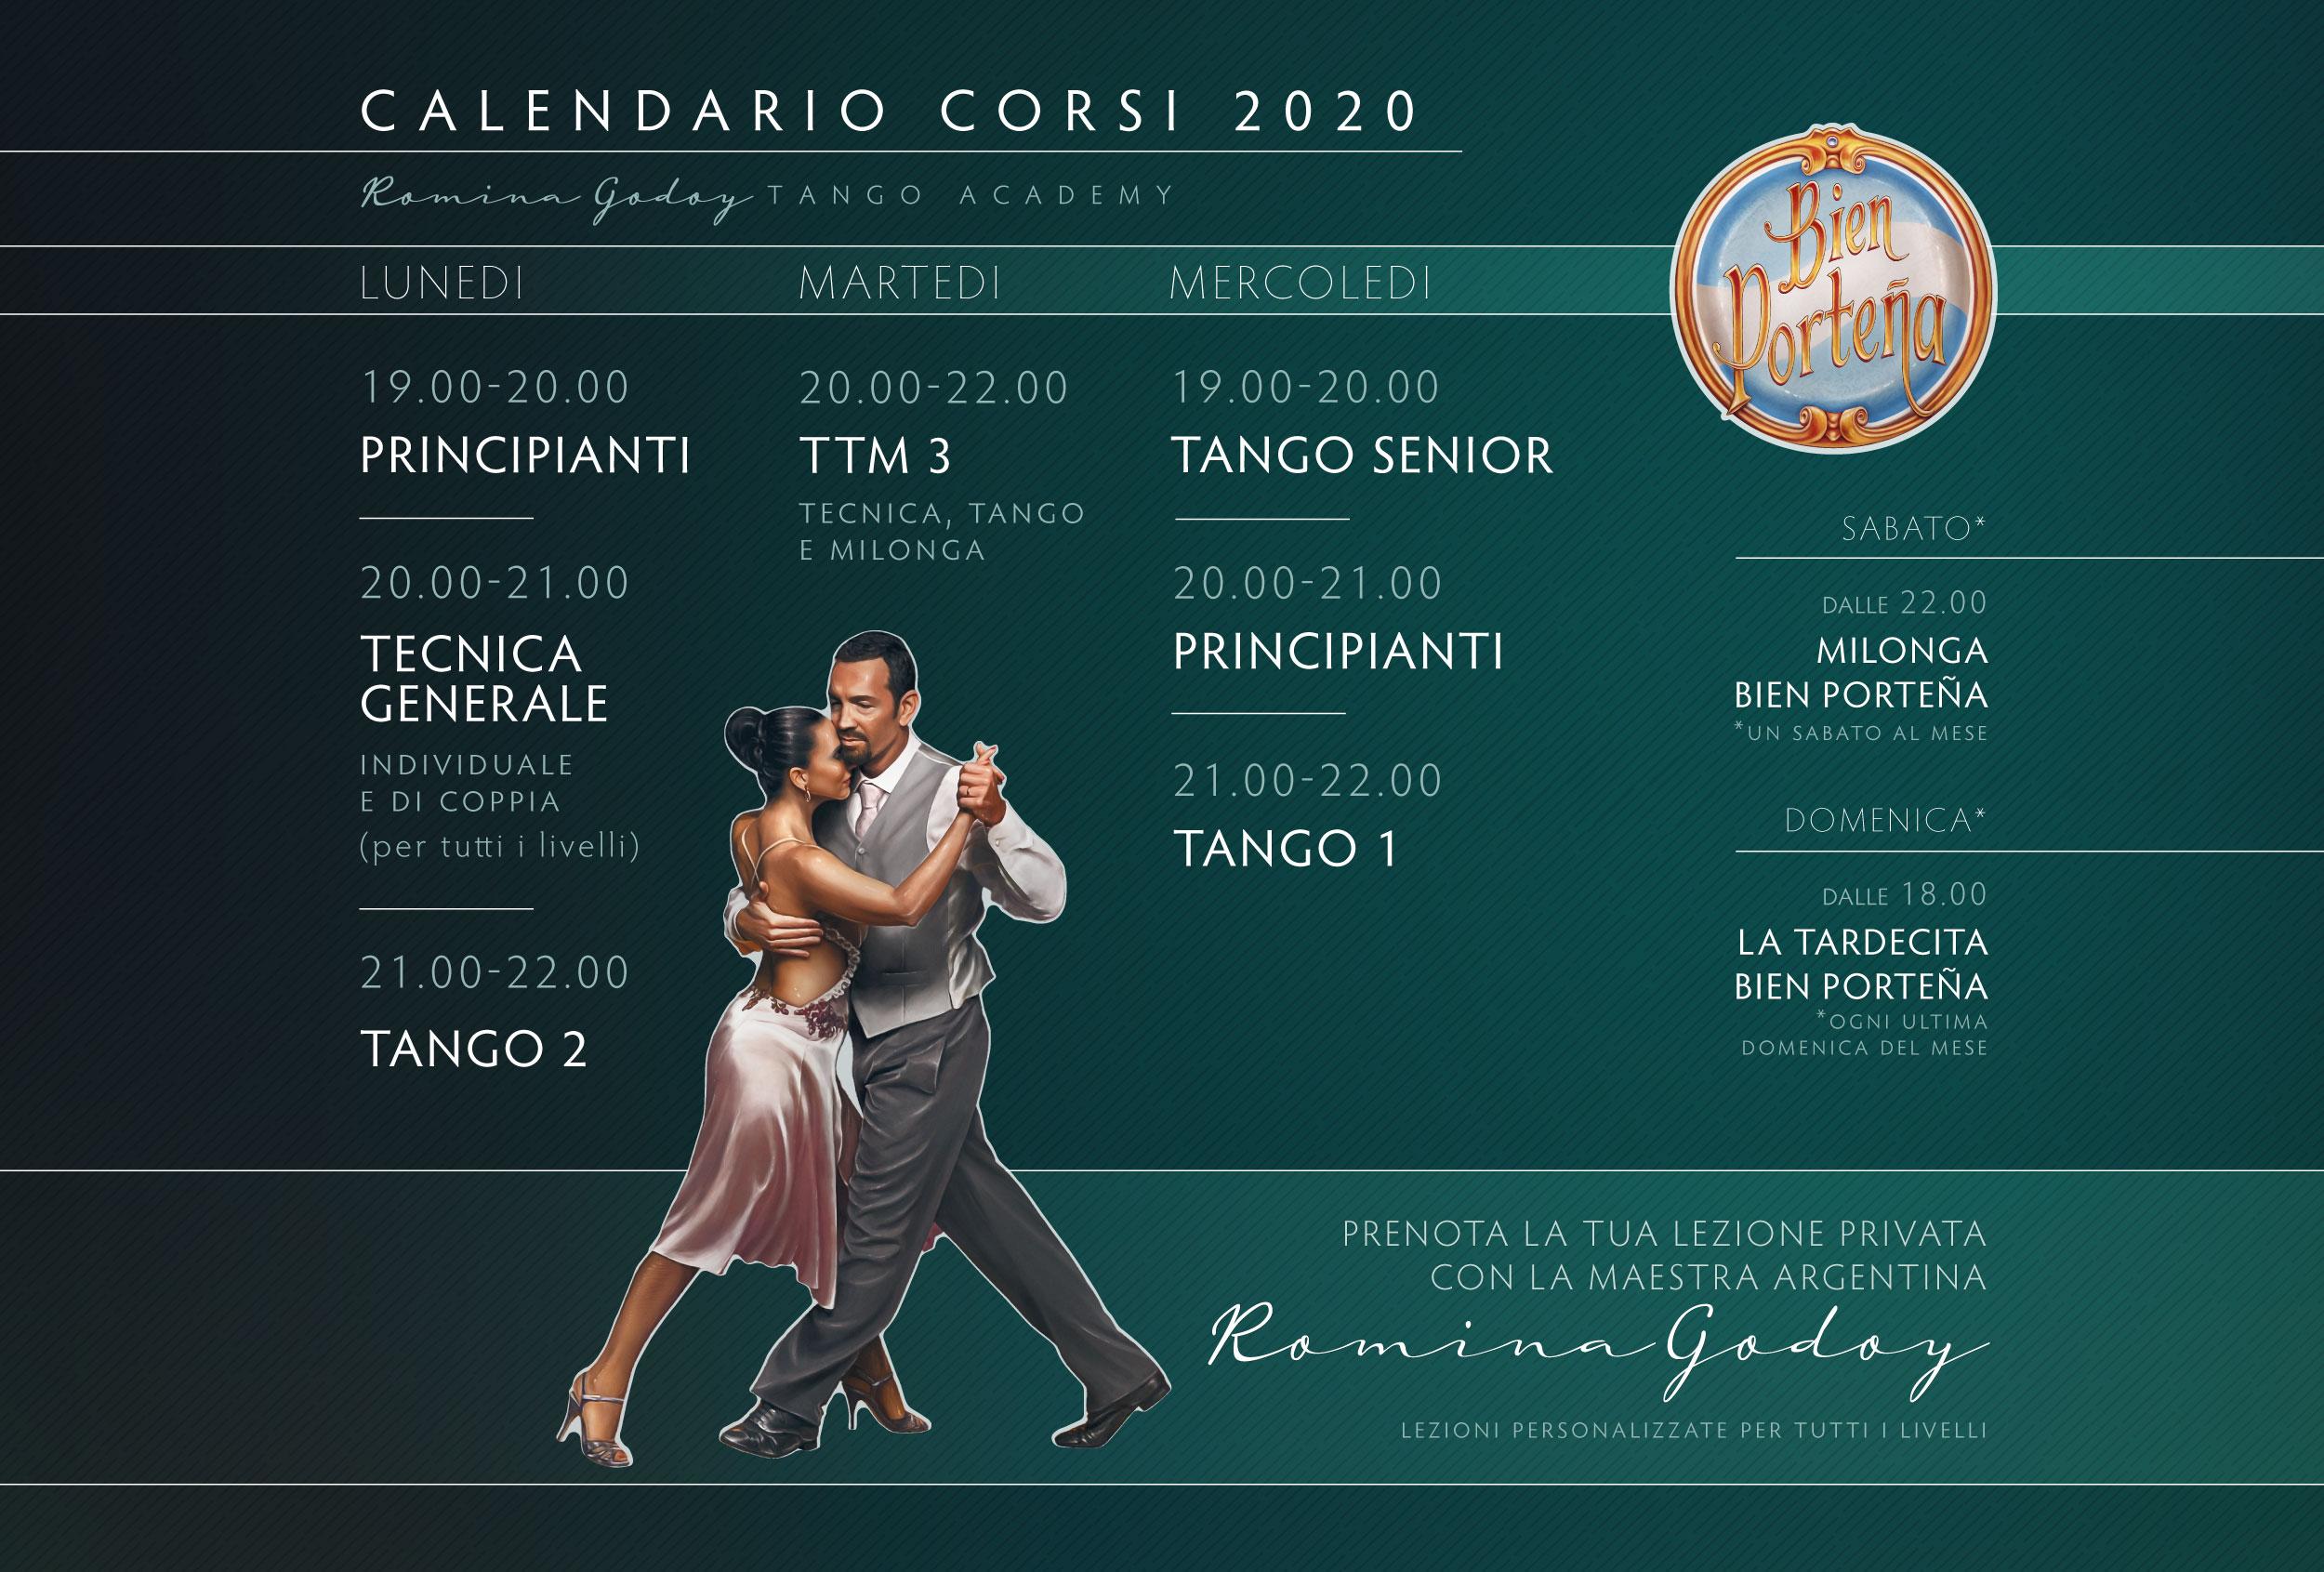 Calendario Corsi di Tango Argentino a Genova 2020